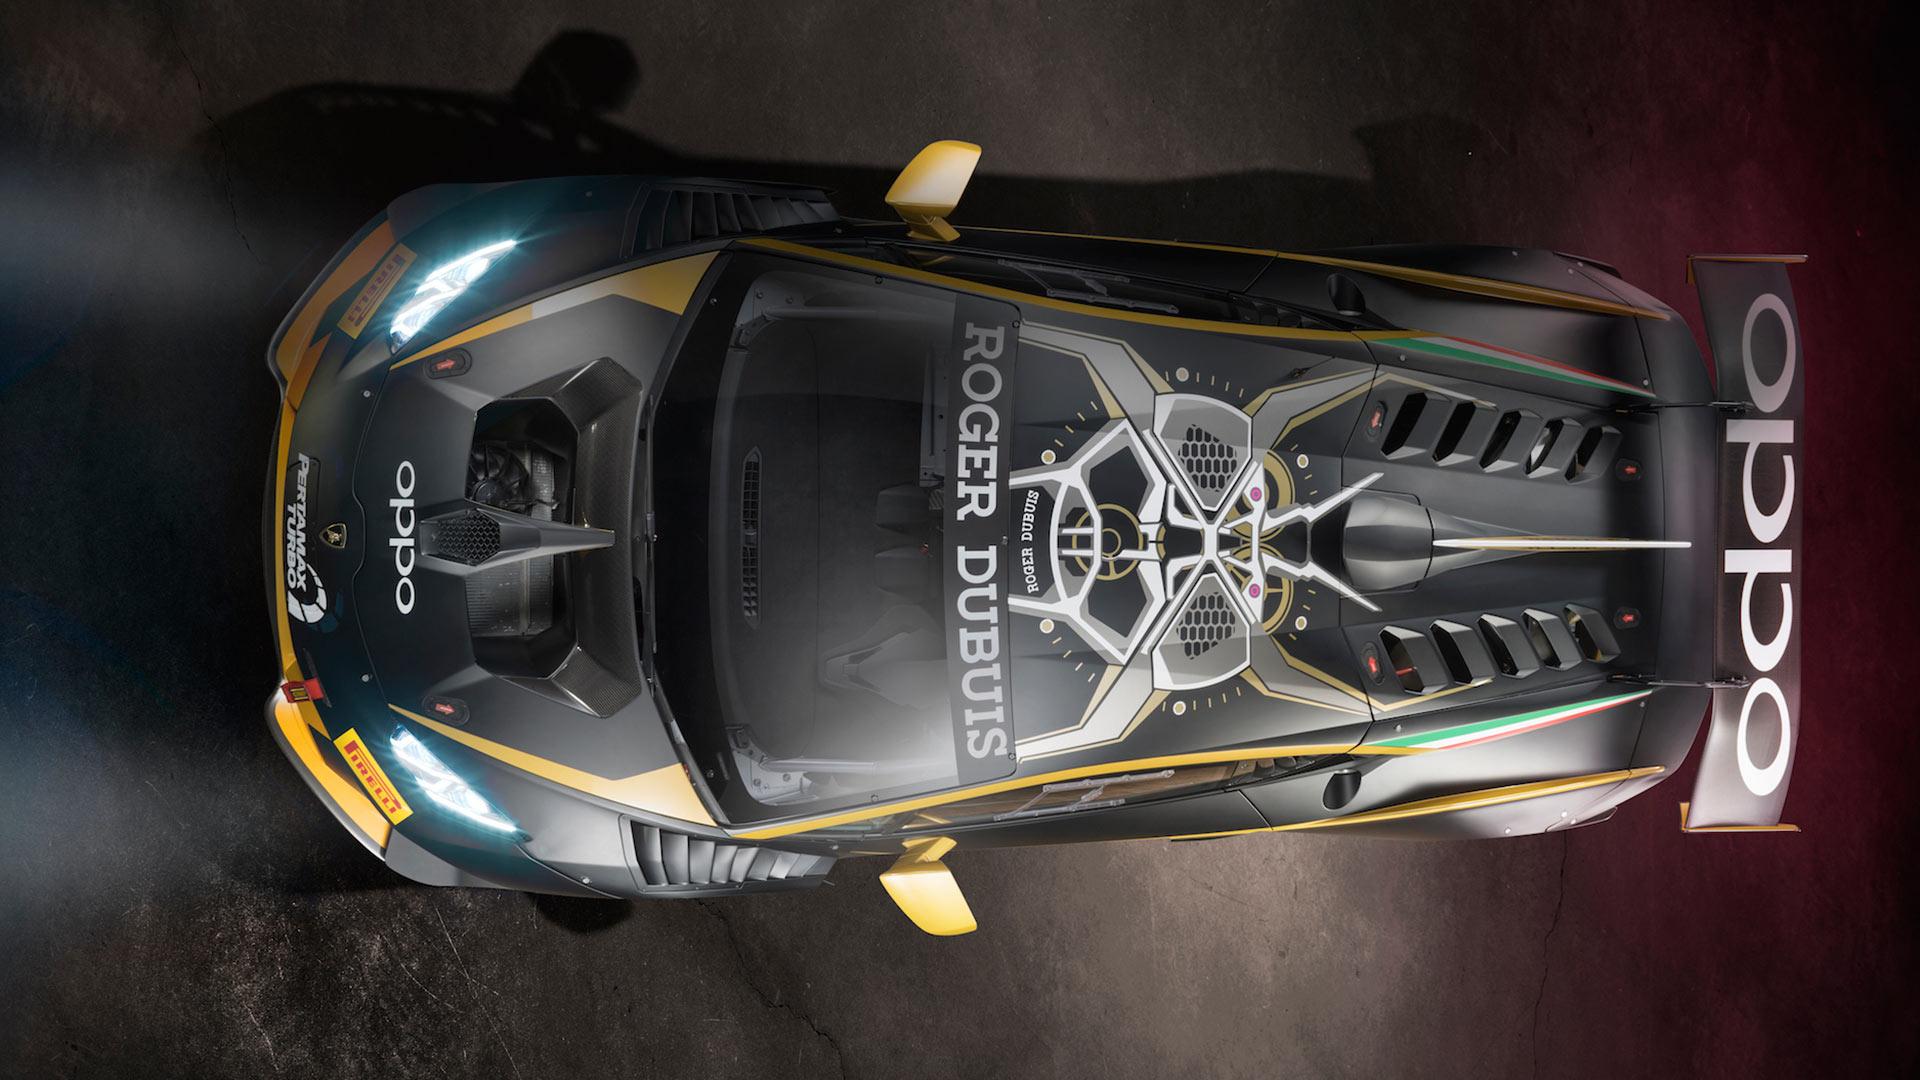 2019 Lamborghini Huracan Evo Super Trofeo-Collector Edition